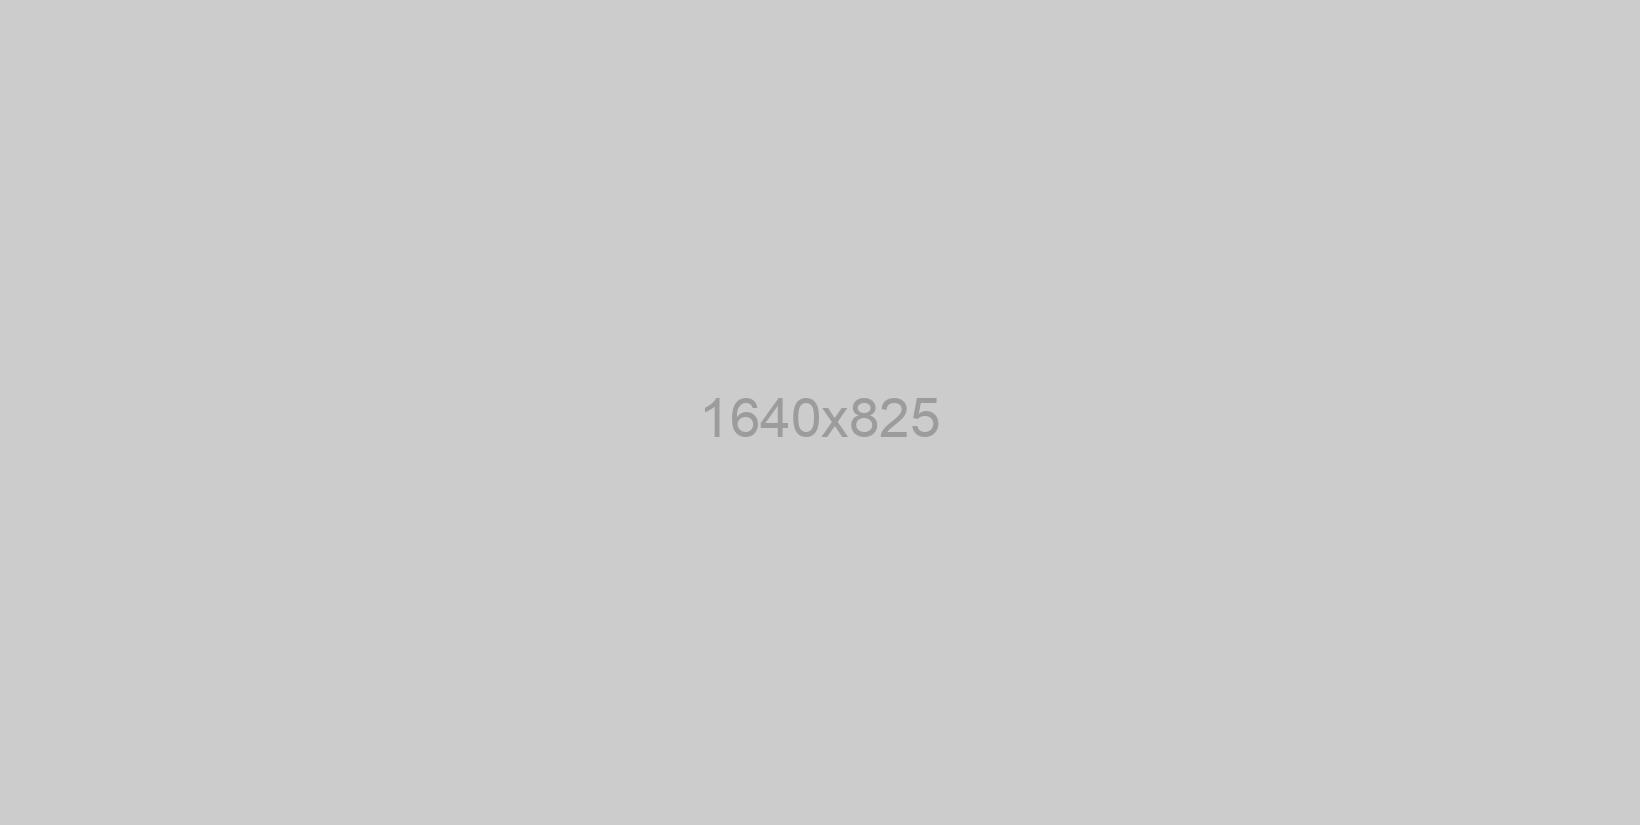 1640x825&text=1640x825